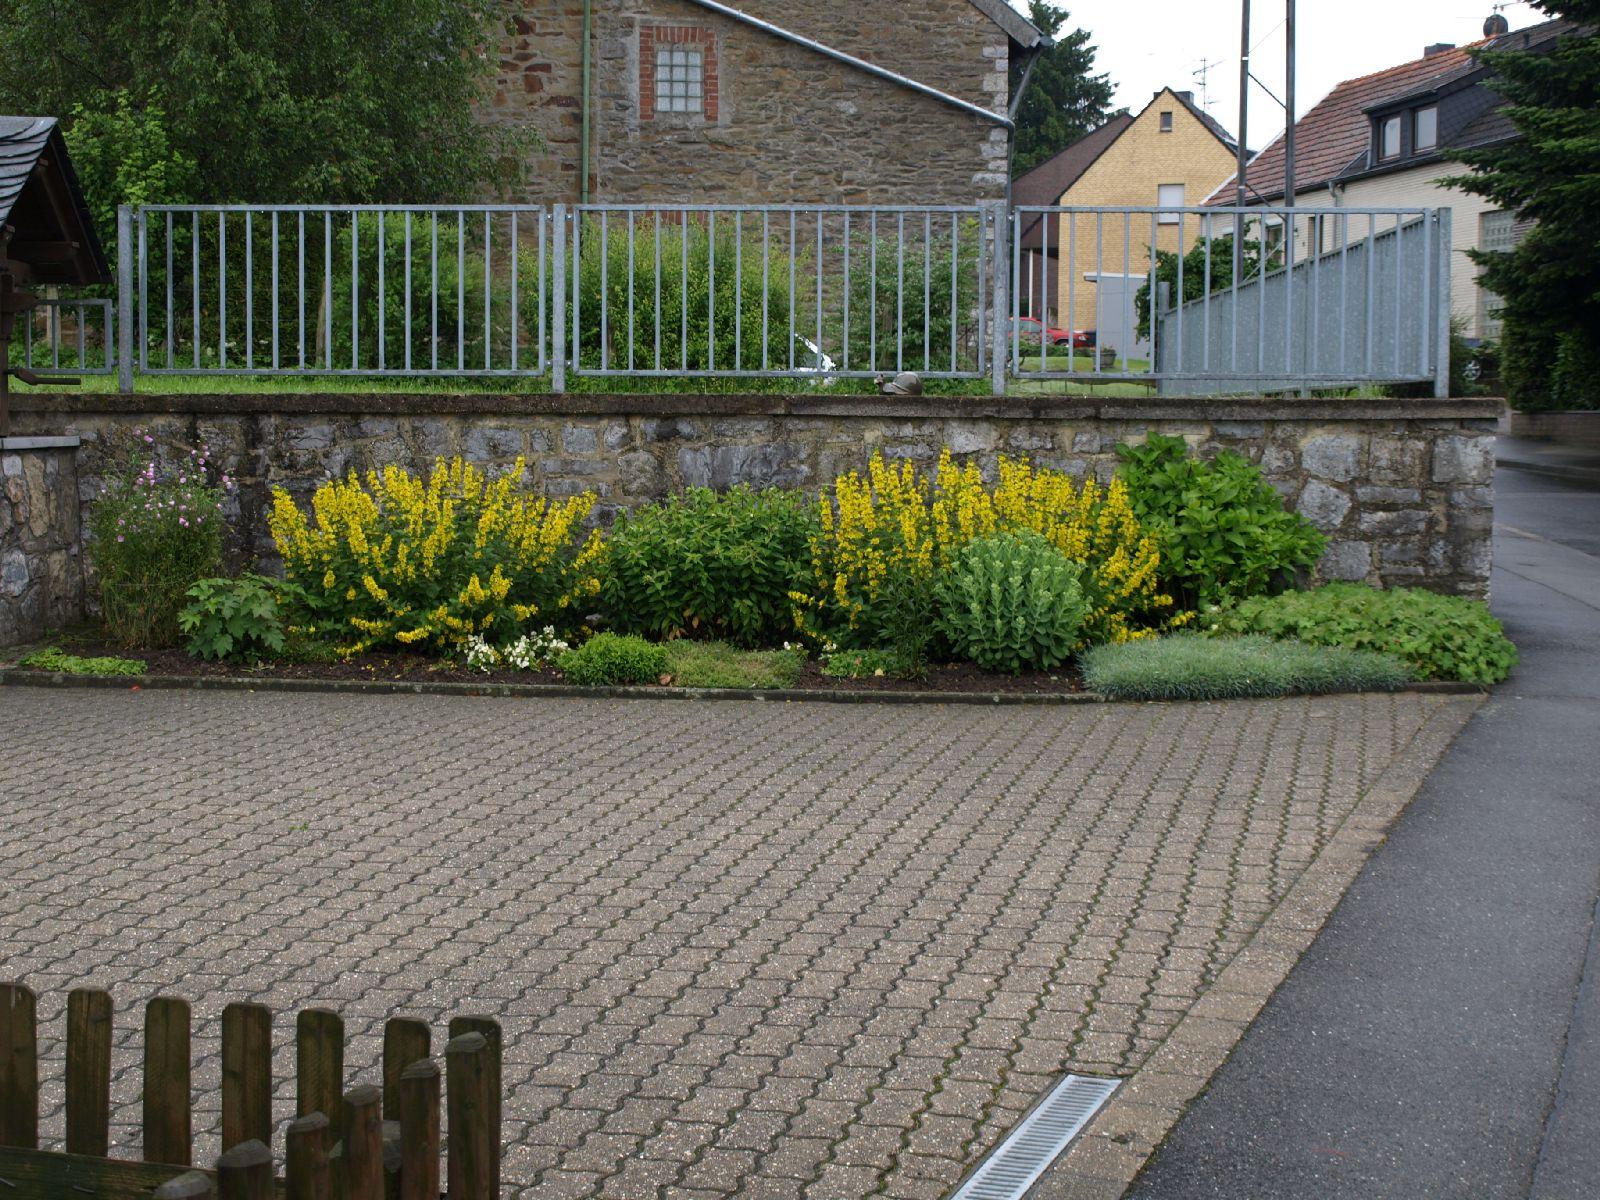 Pflanzen-Blumen-Foto_Textur_B_P6213550